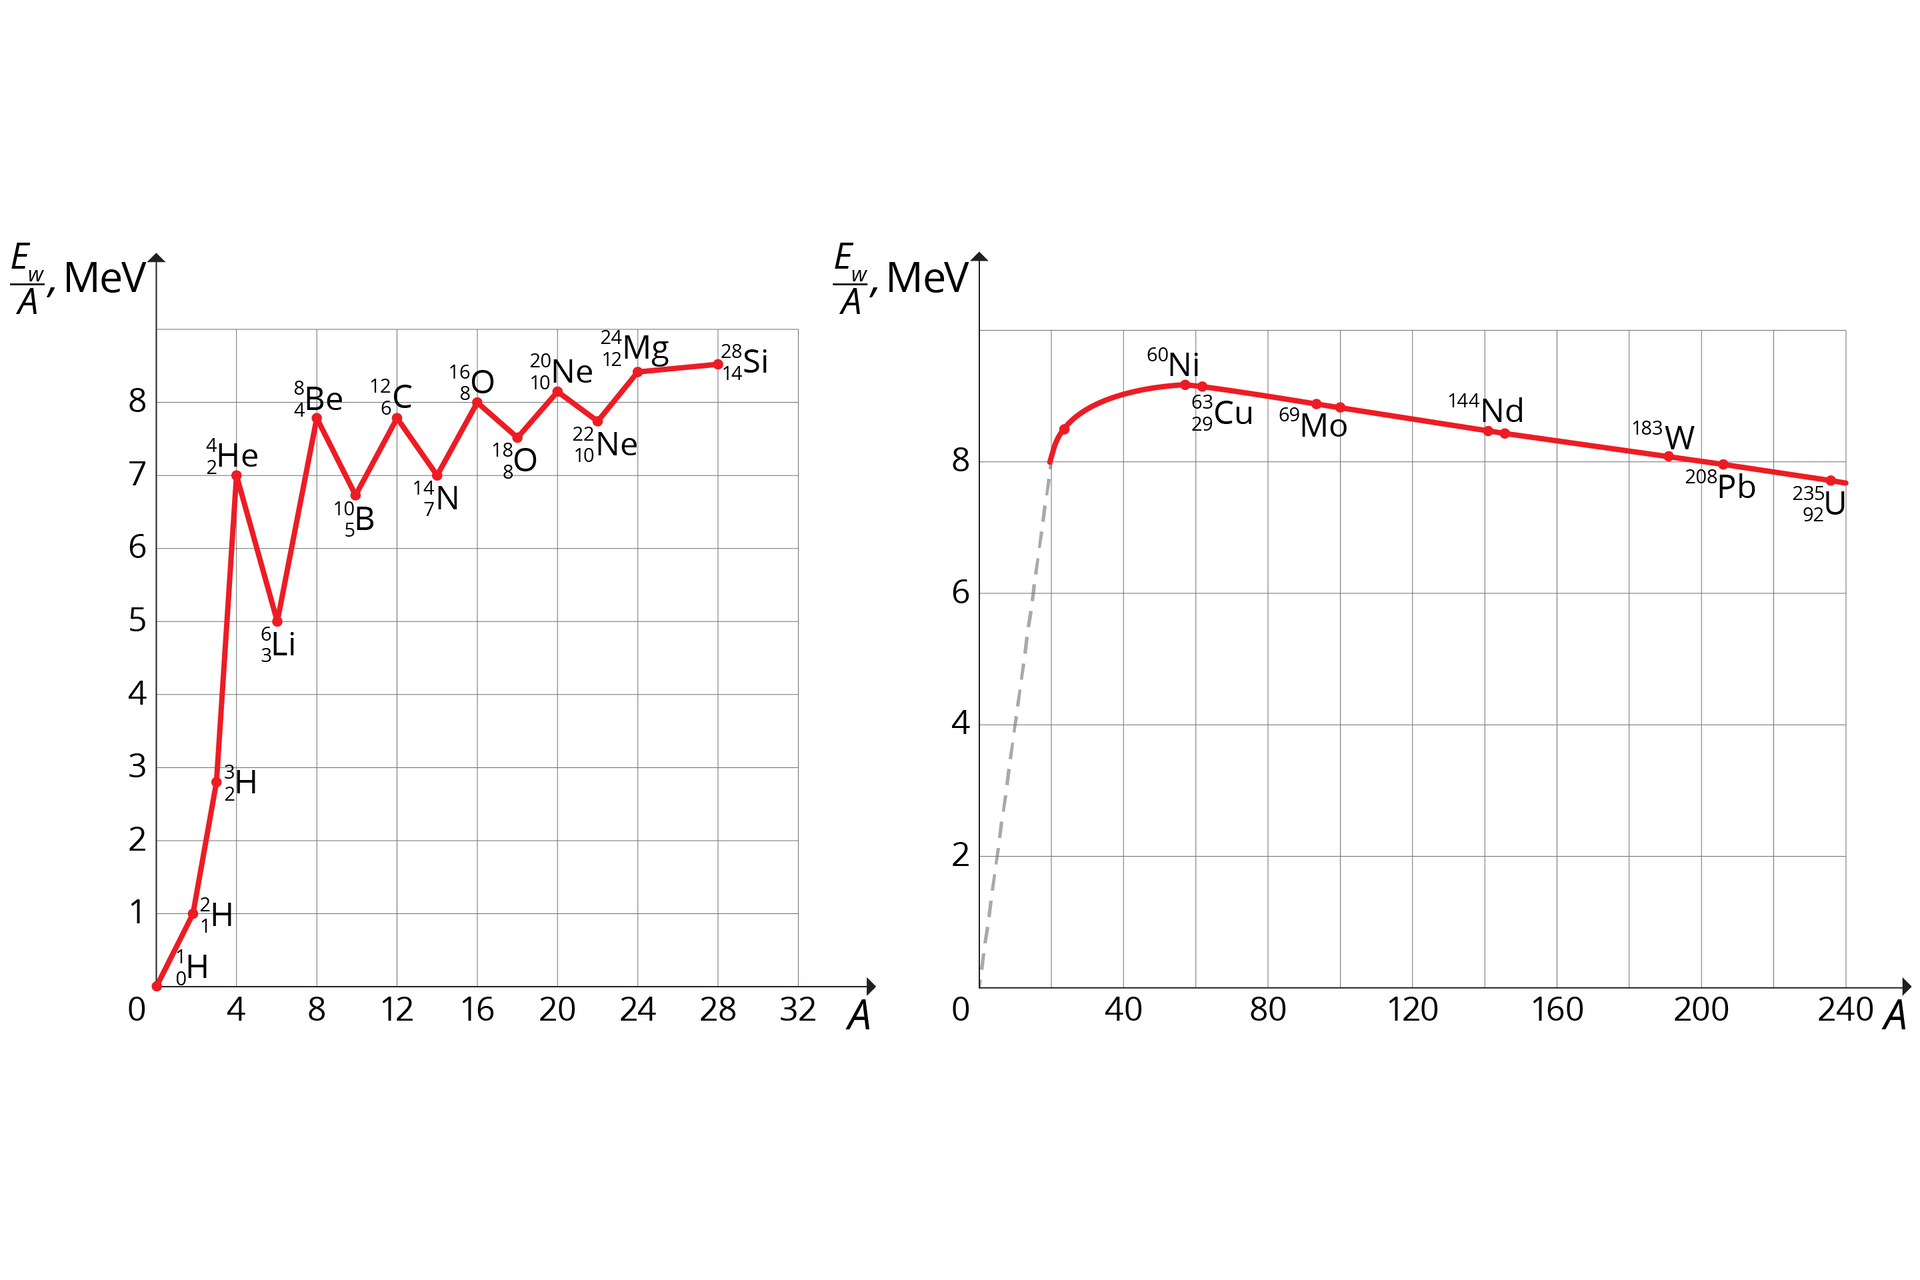 Schemat przedstawiający dwa wykresy średniej energii wiązania przypadająca na jeden nukleon dla różnych pierwiastków: a) obszar jąder lekkich b) obszar jąder ciężkich.